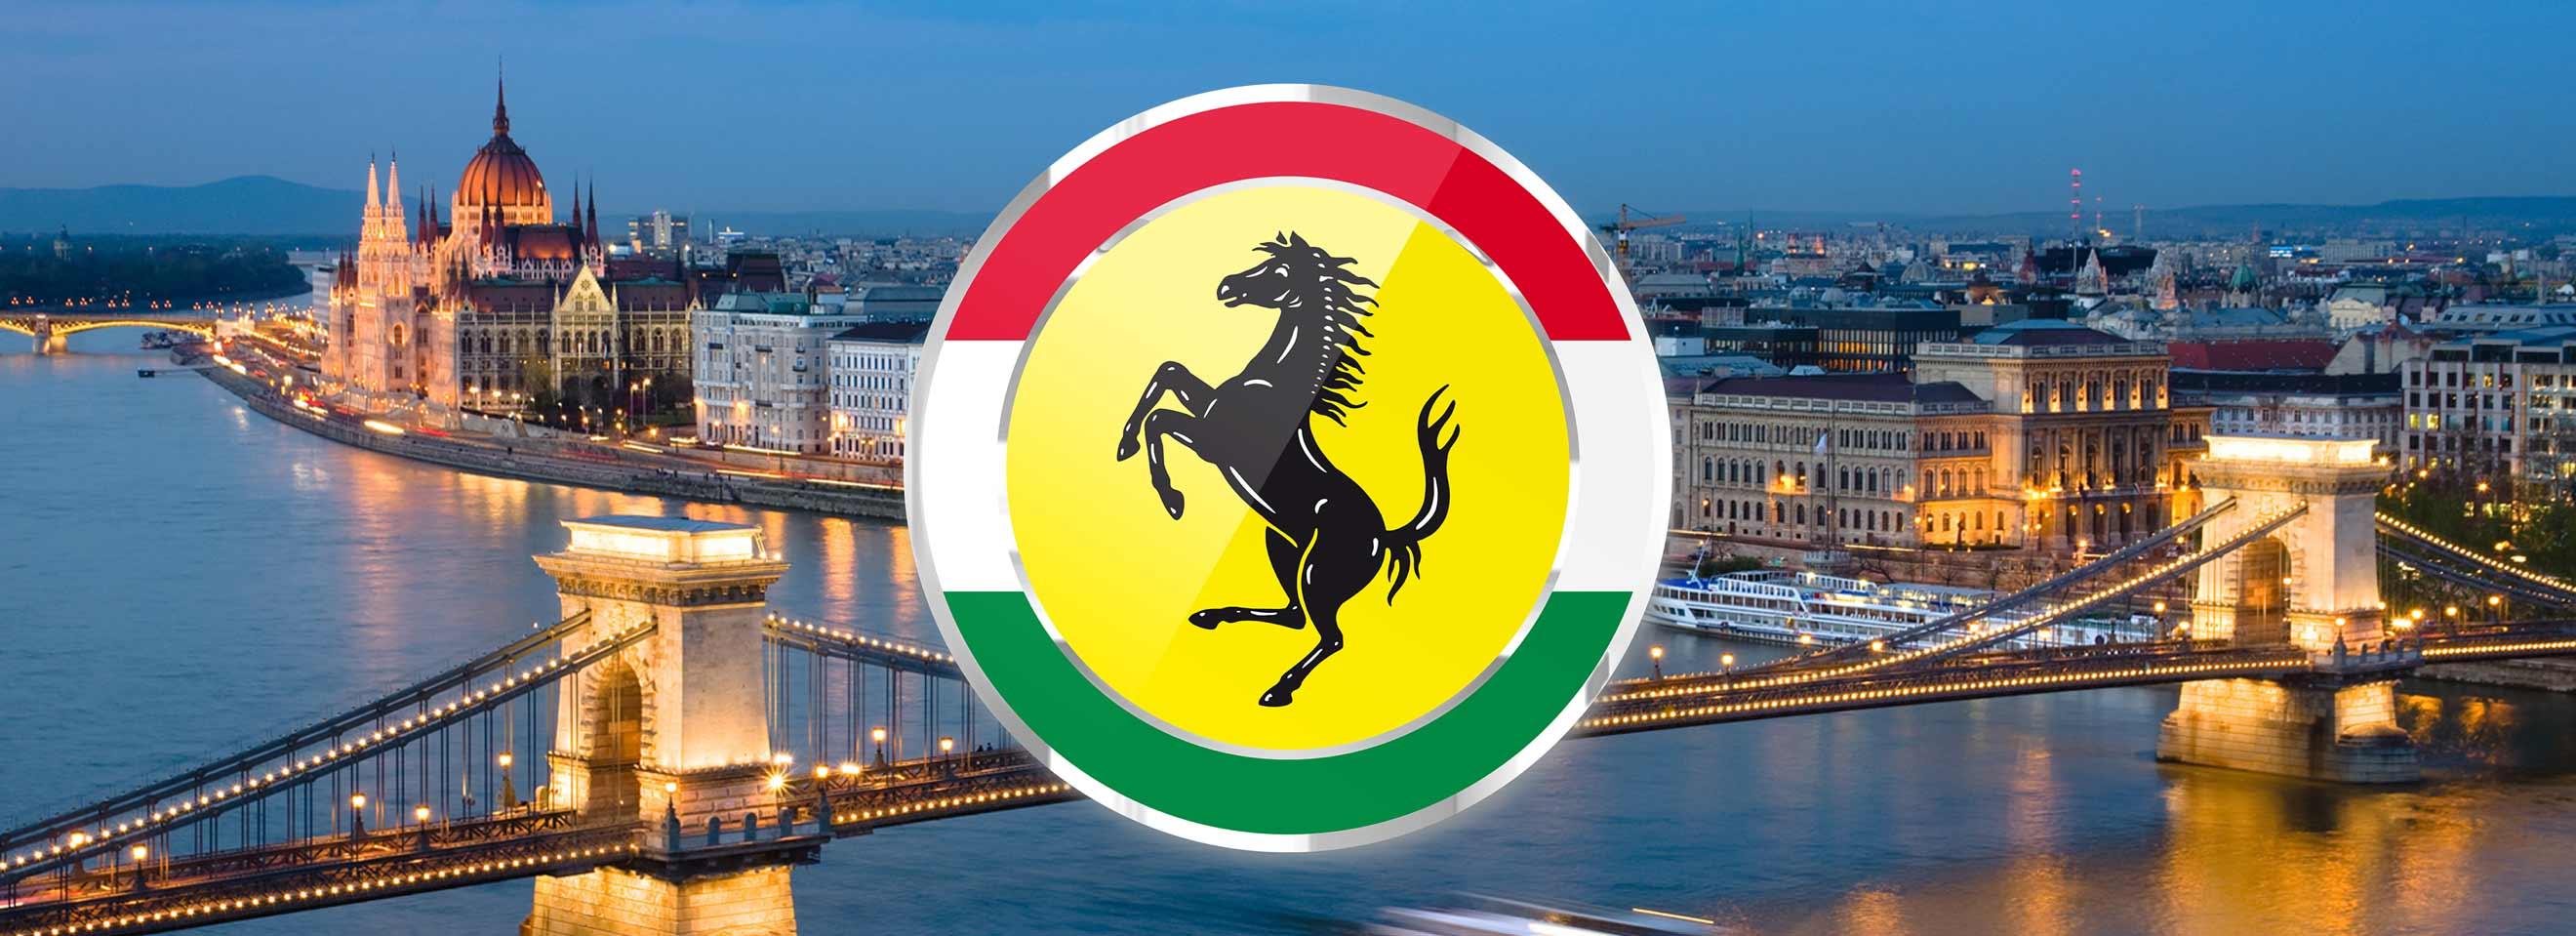 Ferrari Owners' Club Hungary